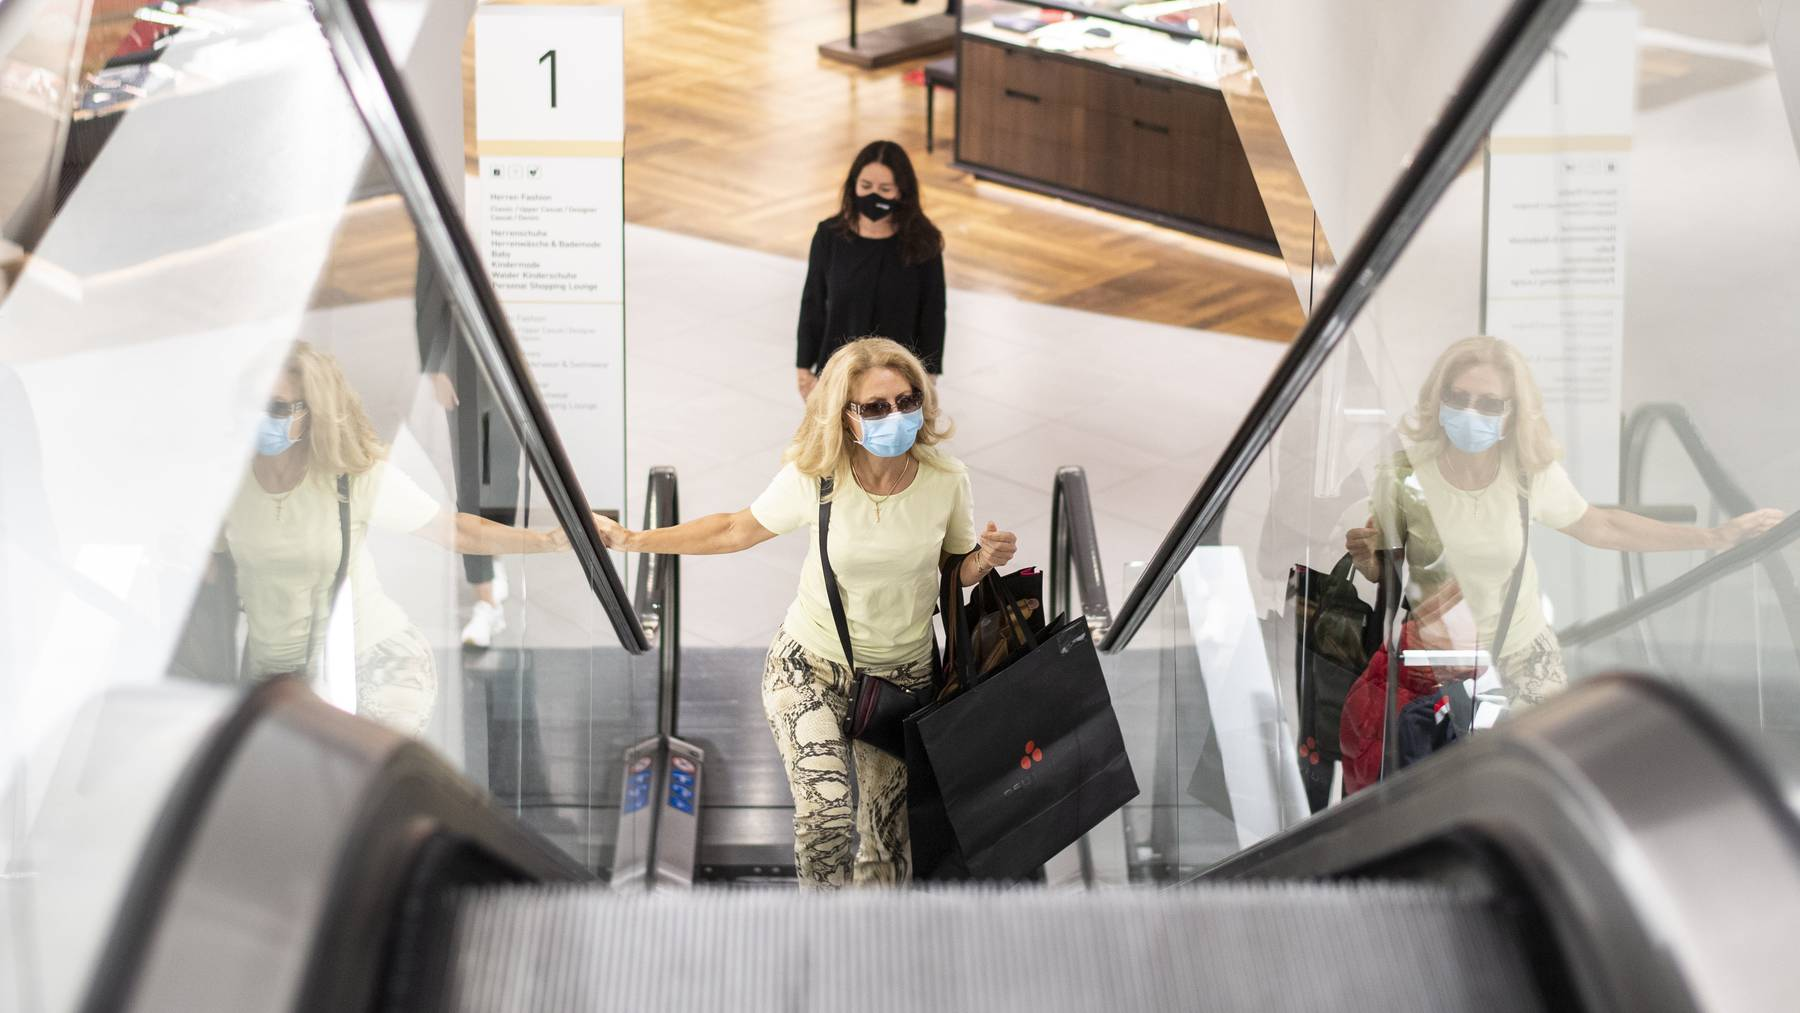 Zum Beispiel Zürich: Hier gilt bereits eine Maskentragepflcht beim Einkaufen. In einer Umfrage stützt nun die Bevölkerung diese Form von Massnahme.